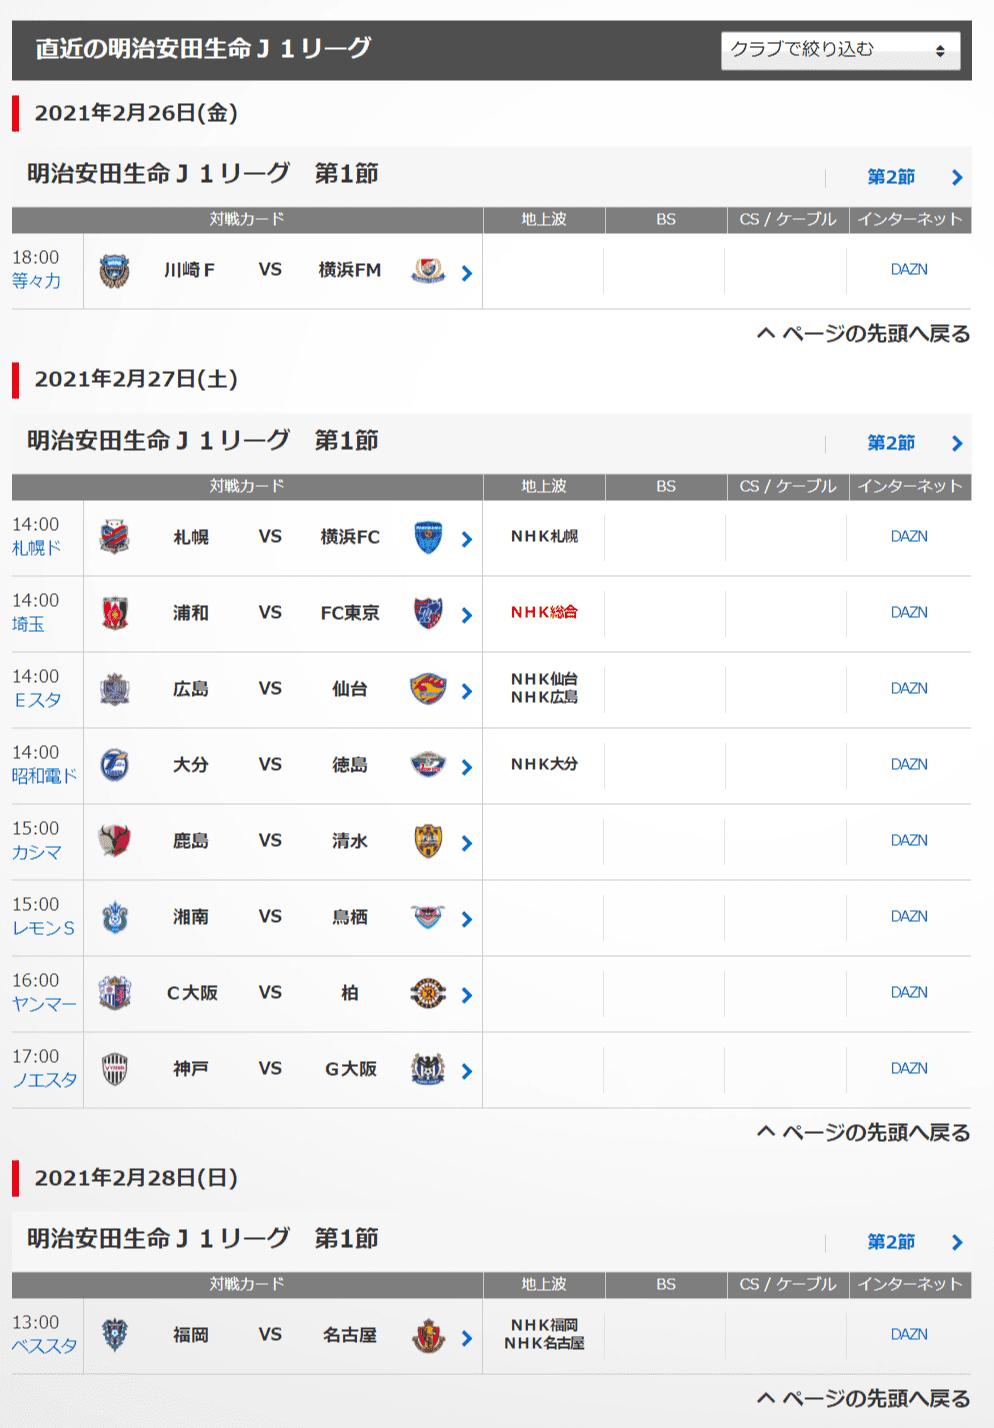 明治安田生命J1リーグ直近のテレビ放送